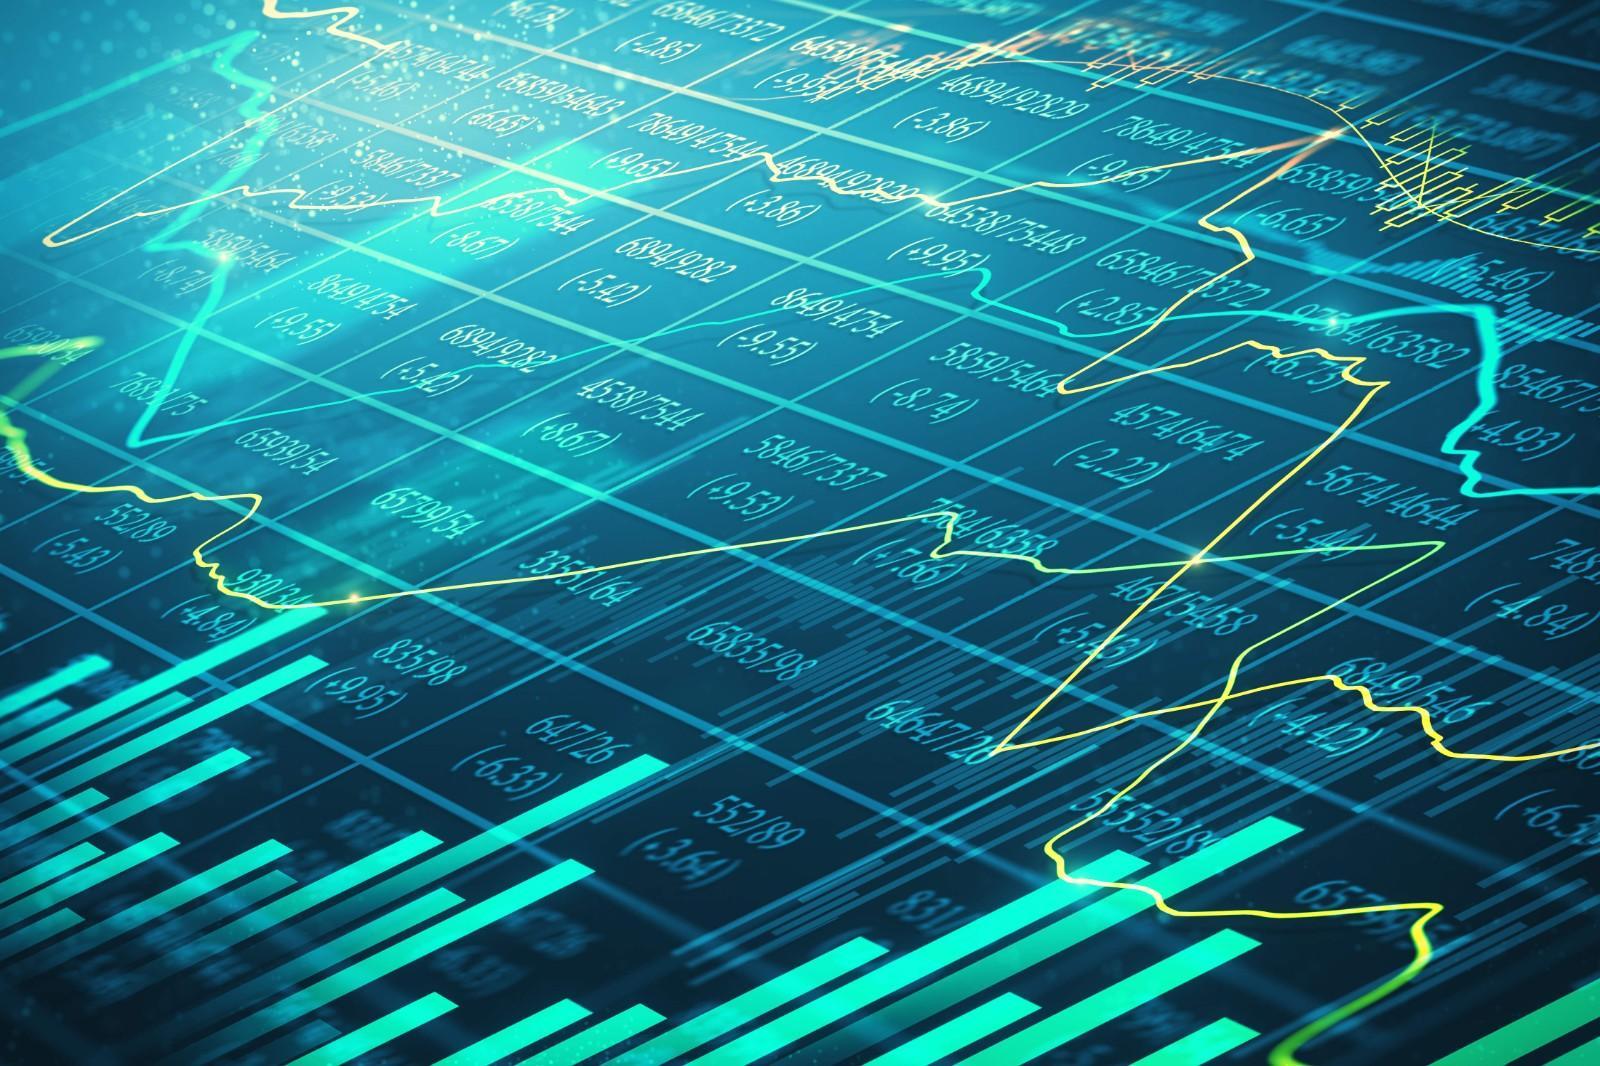 美国股票指数,三大指数采样对象!